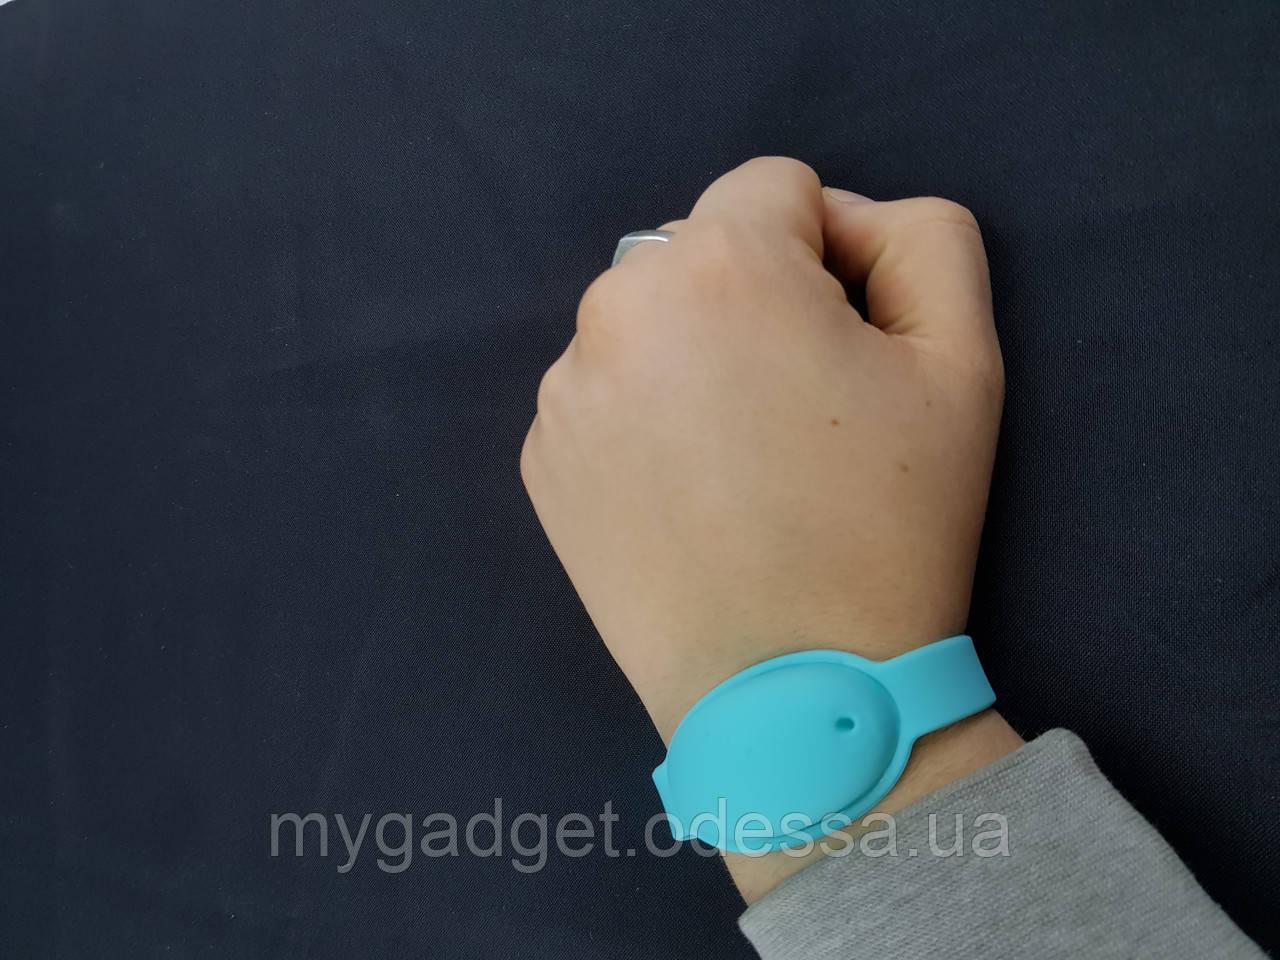 Импортный браслет  для антисептического средства (голубой)